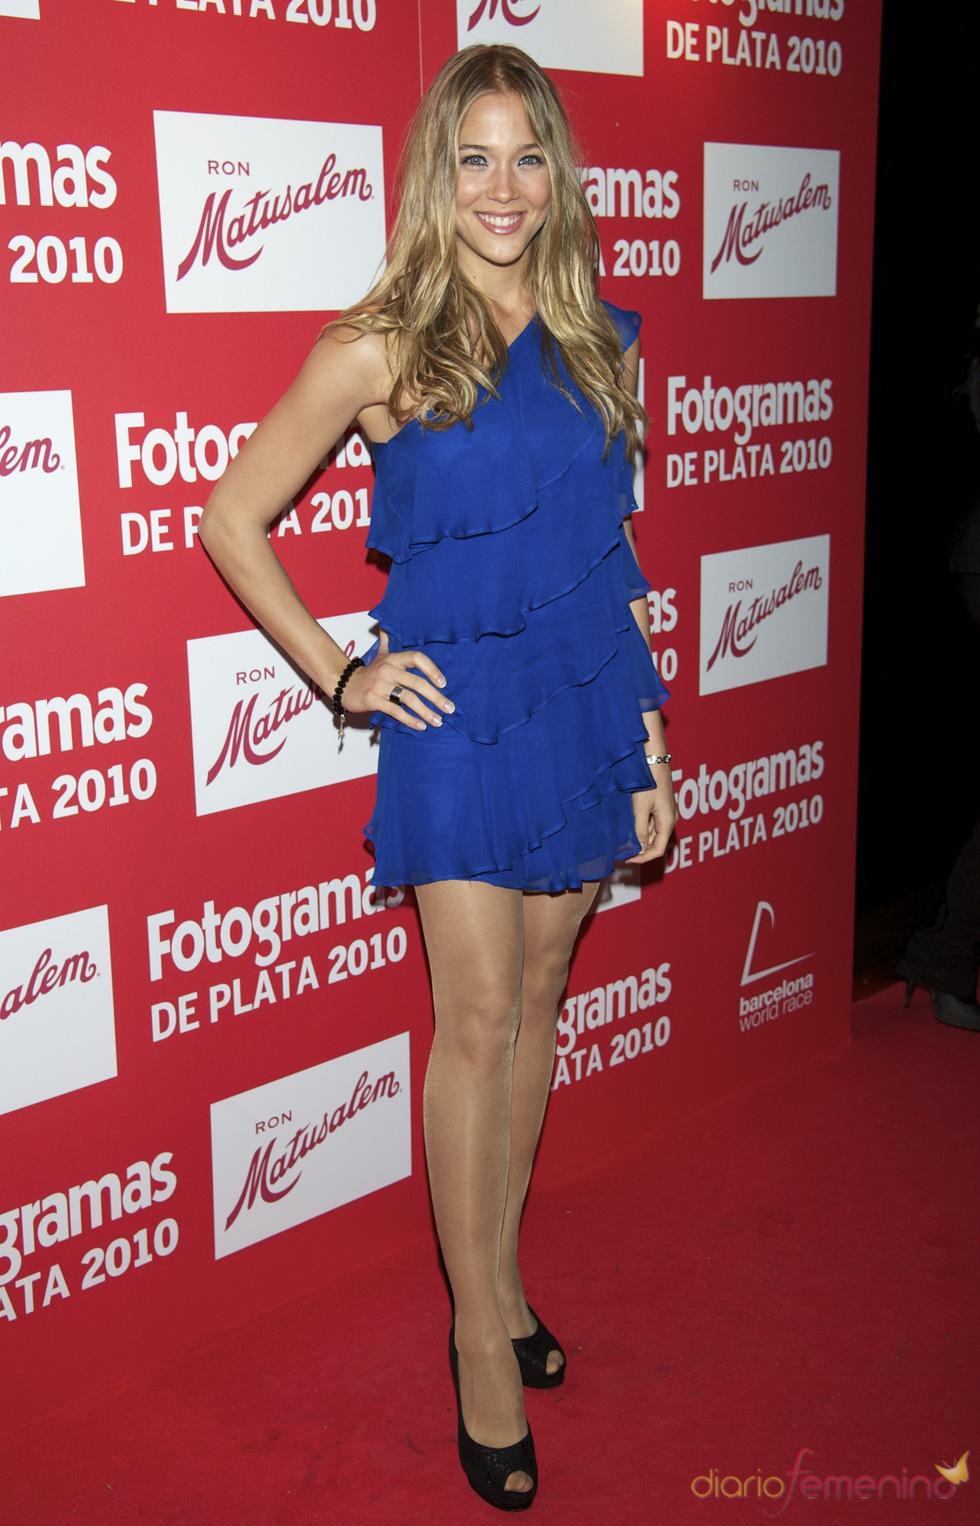 Patricia Montero en los Premios Fotogramas de Plata 2010